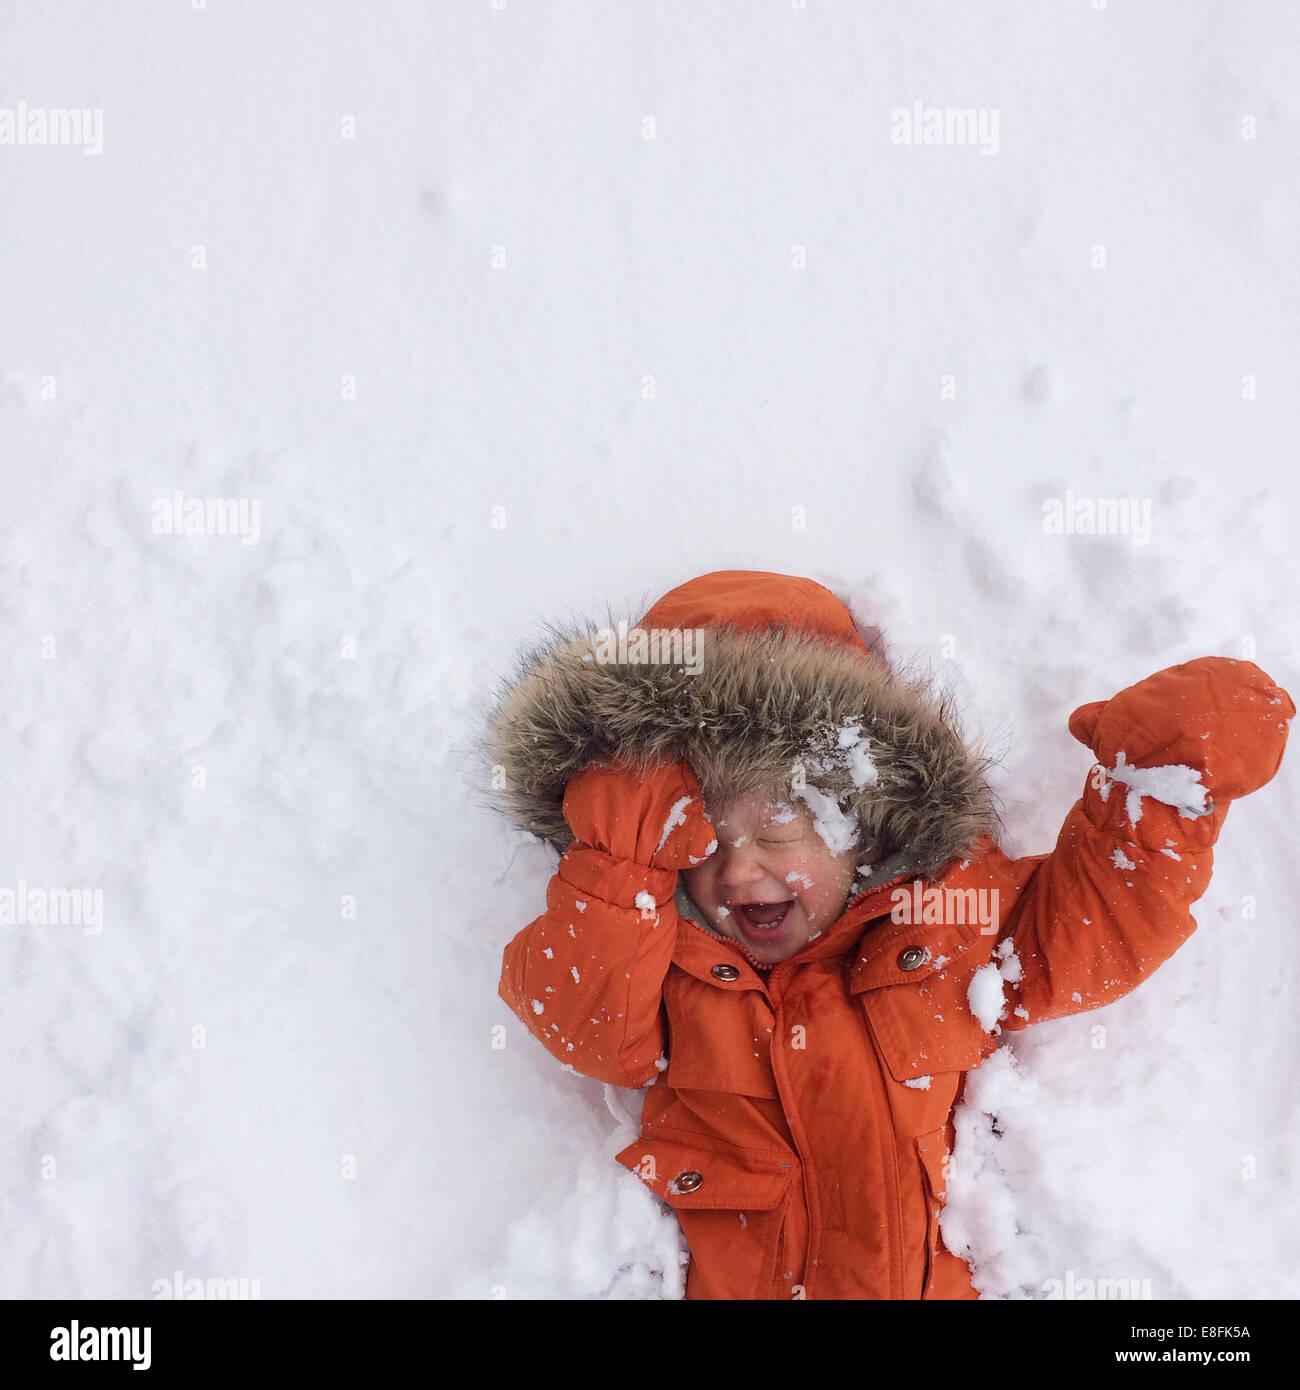 Jungen spielen im Schnee, Lake Tahoe, Kalifornien, Amerika, USA Stockbild